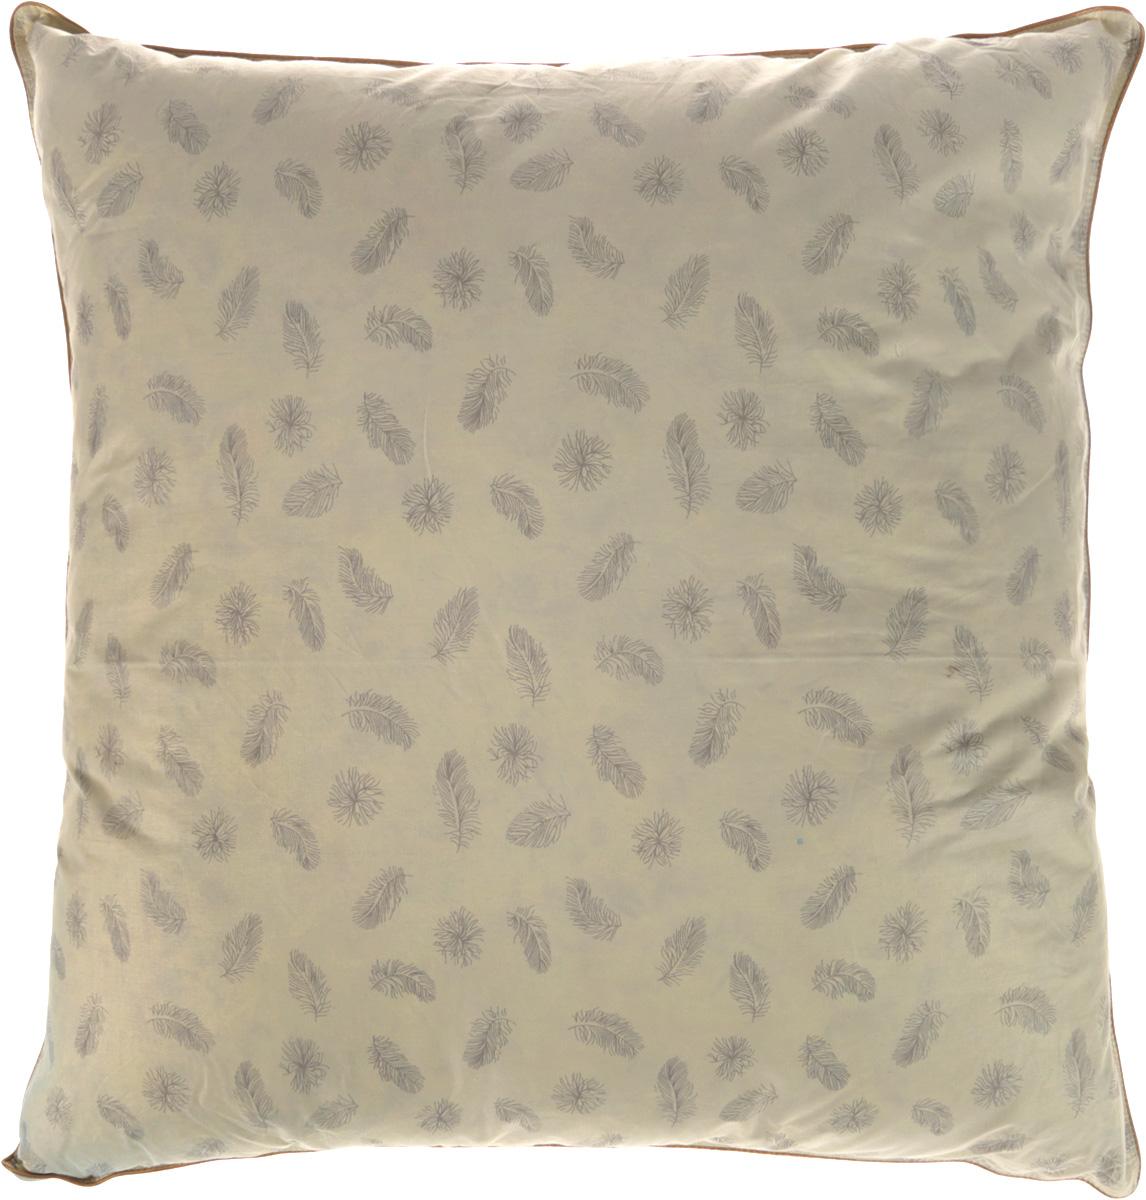 Подушка Ecotex Эдда, наполнитель: пух, 68 х 68 смES-414Подушка Ecotex Эдда обеспечивает покой, уют и здоровый сон. Чехол подушки выполнен из натуральной тиковой ткани (100% хлопок). В качестве наполнителя используется пух первой категории. Благодаря своим уникальным теплозащитным свойствам пух считается одним из ценнейших наполнителей. Сочетая в себе мягкость и упругость, он создает максимальный комфорт во время сна. Преимущества: - экологичность, - воздухопроницаемость, - мягкость, упругость и легкость, - исключительная теплоизоляция.